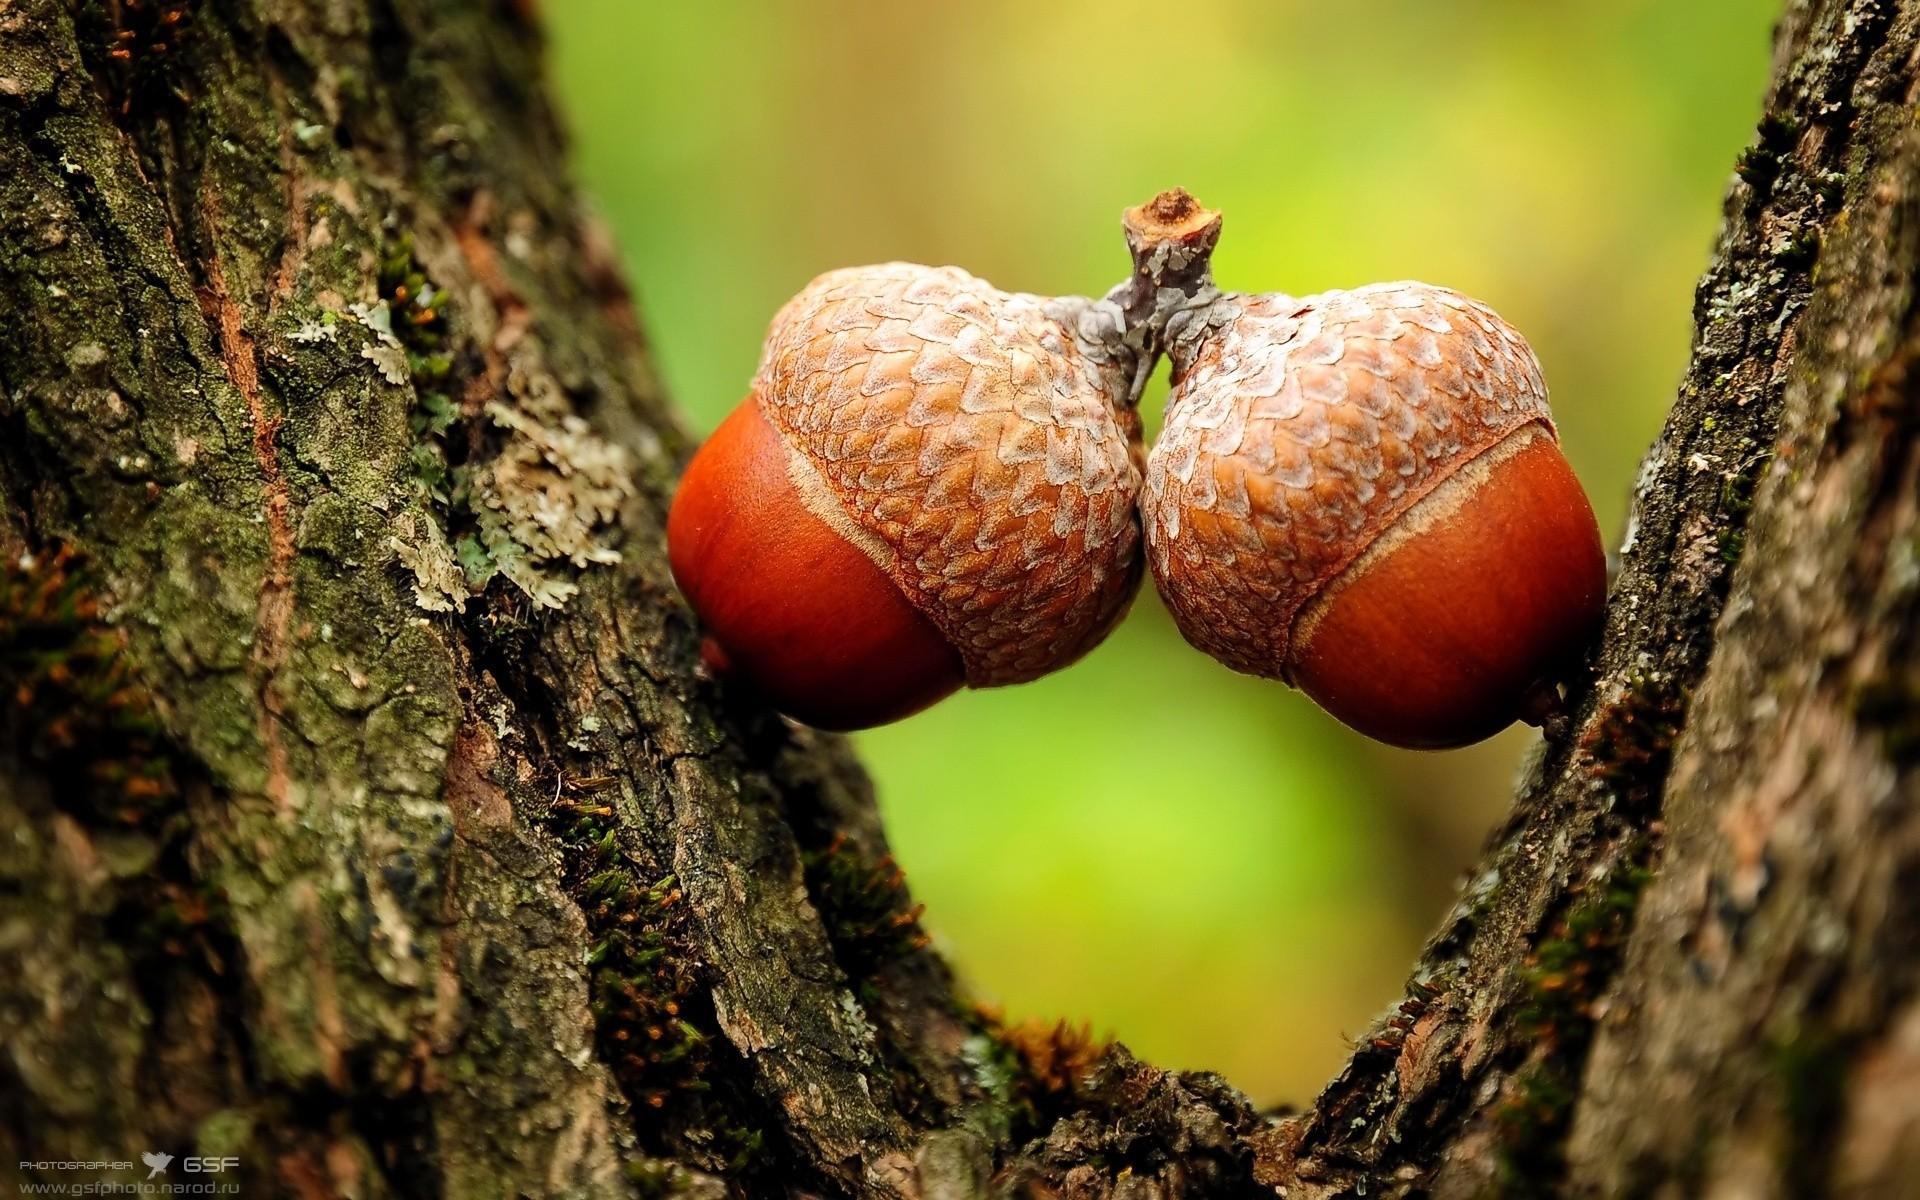 Hình nền hạt sồi may mắn đẹp nhất